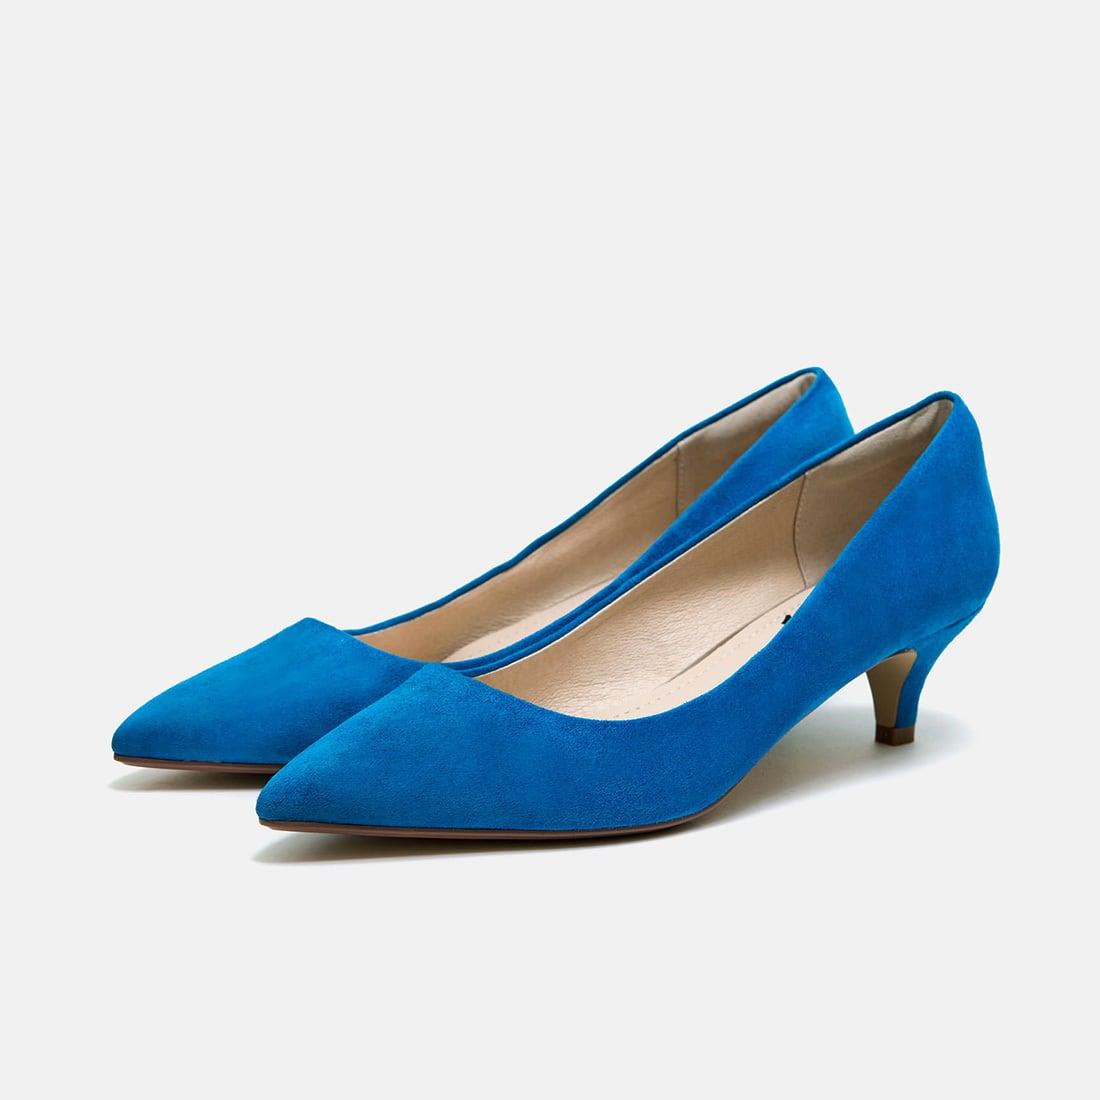 【一部難あり】リアルレザーポインテッドトゥスエードパンプス:ブルー 24.5cm(OT1381)